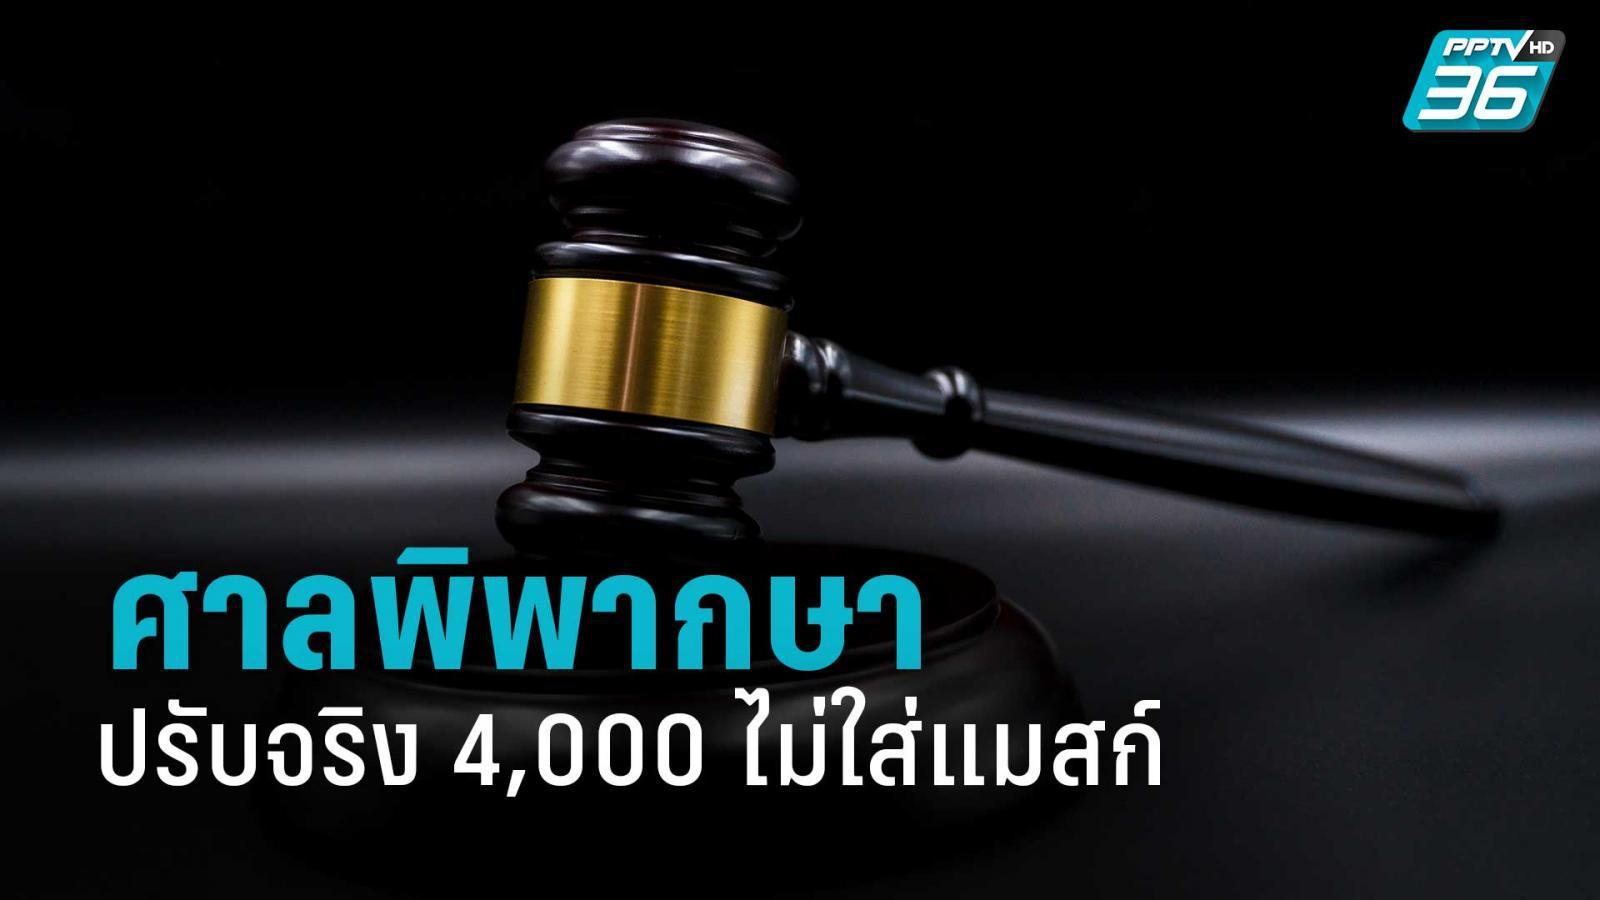 ศาลแขวงสุราษฎร์ฯพิพากษา ปรับ 4,000 รายแรก ไม่ใส่หน้ากากอนามัย - เตือนเที่ยวเขื่อน ต้องกักตัว